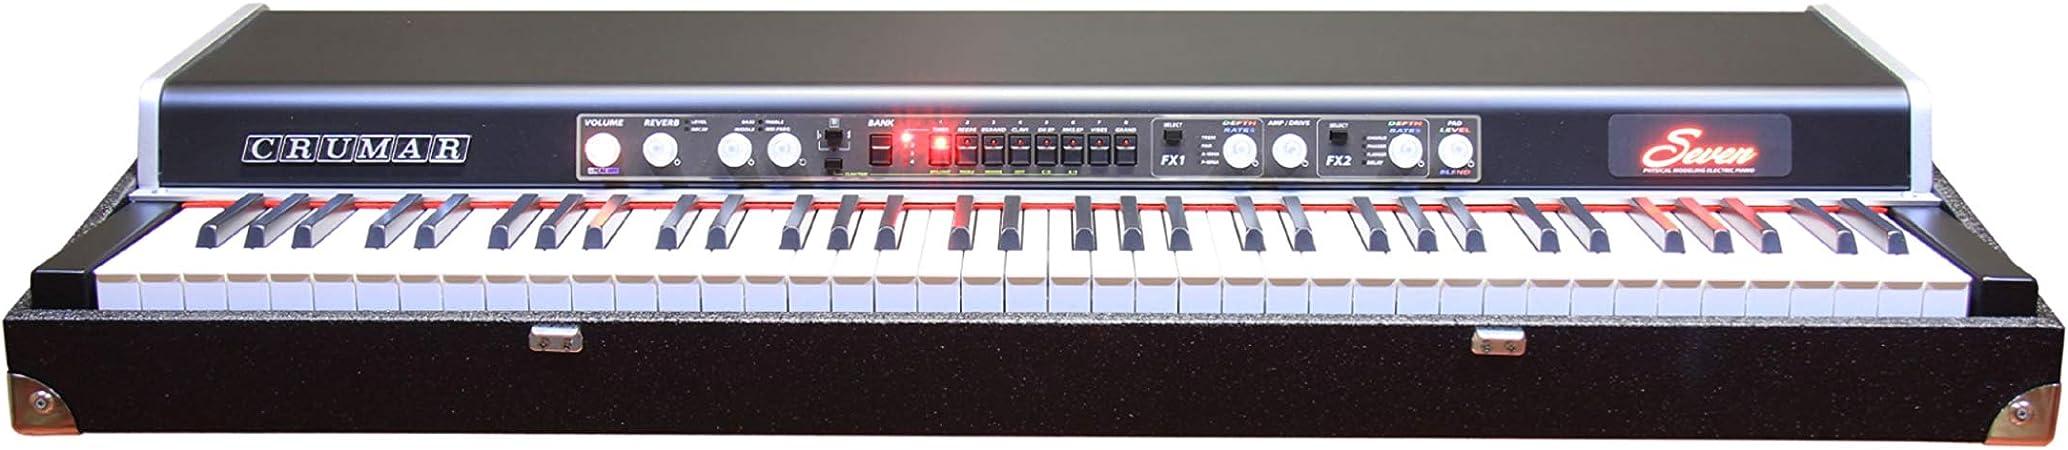 Crumar Seven - 73 Teclas - Piano De Escenario Tipo Vintage ...